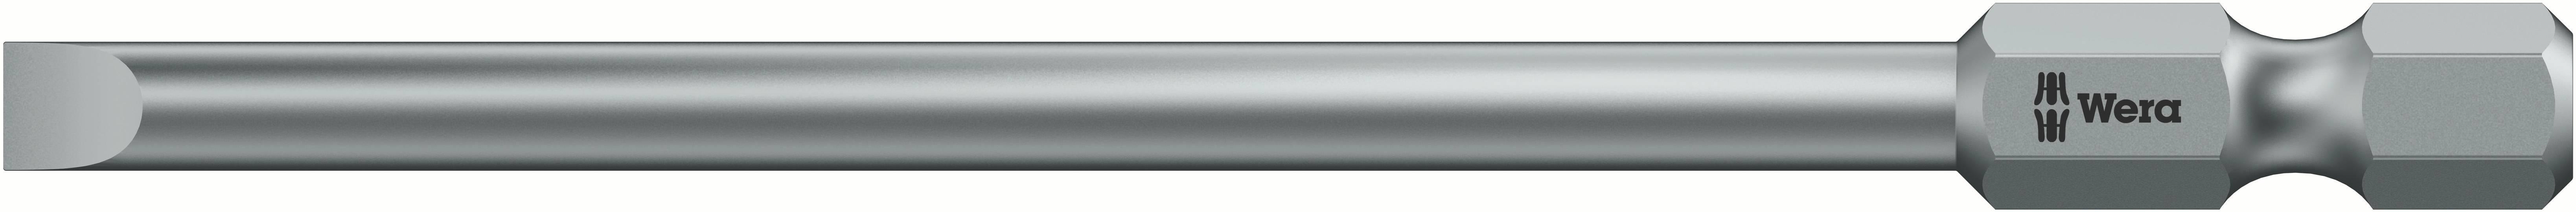 Plochý bit Wera 800/4 Z;4 mm 05059480001, nástrojová oceľ, 1 ks